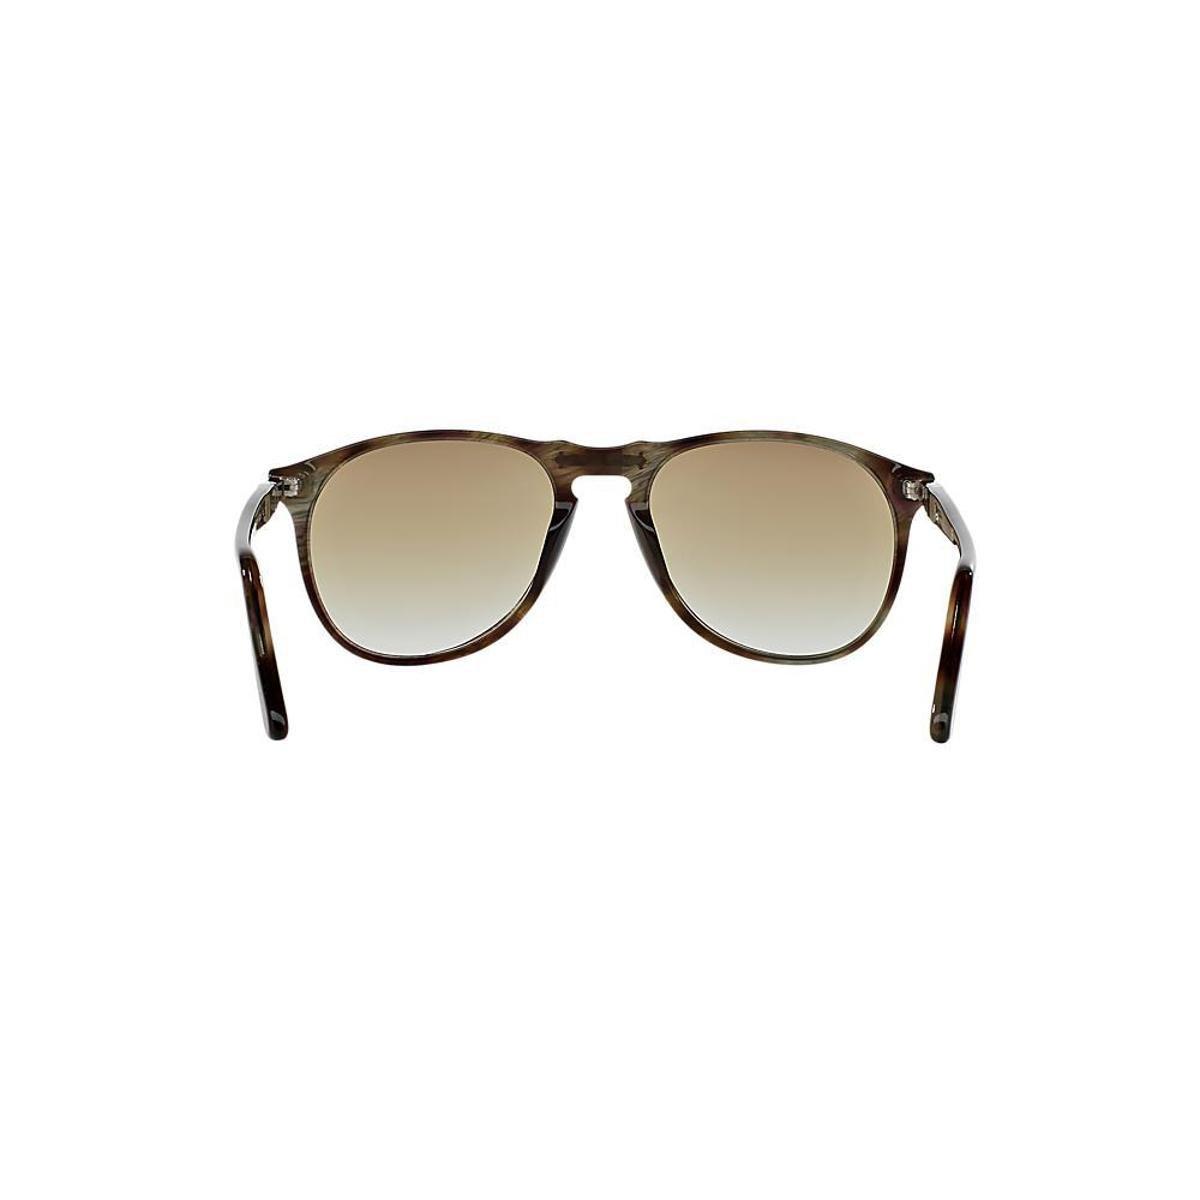 ef9aeb68eeedb Óculos de Sol Persol Piloto PO9649S Masculino - Compre Agora